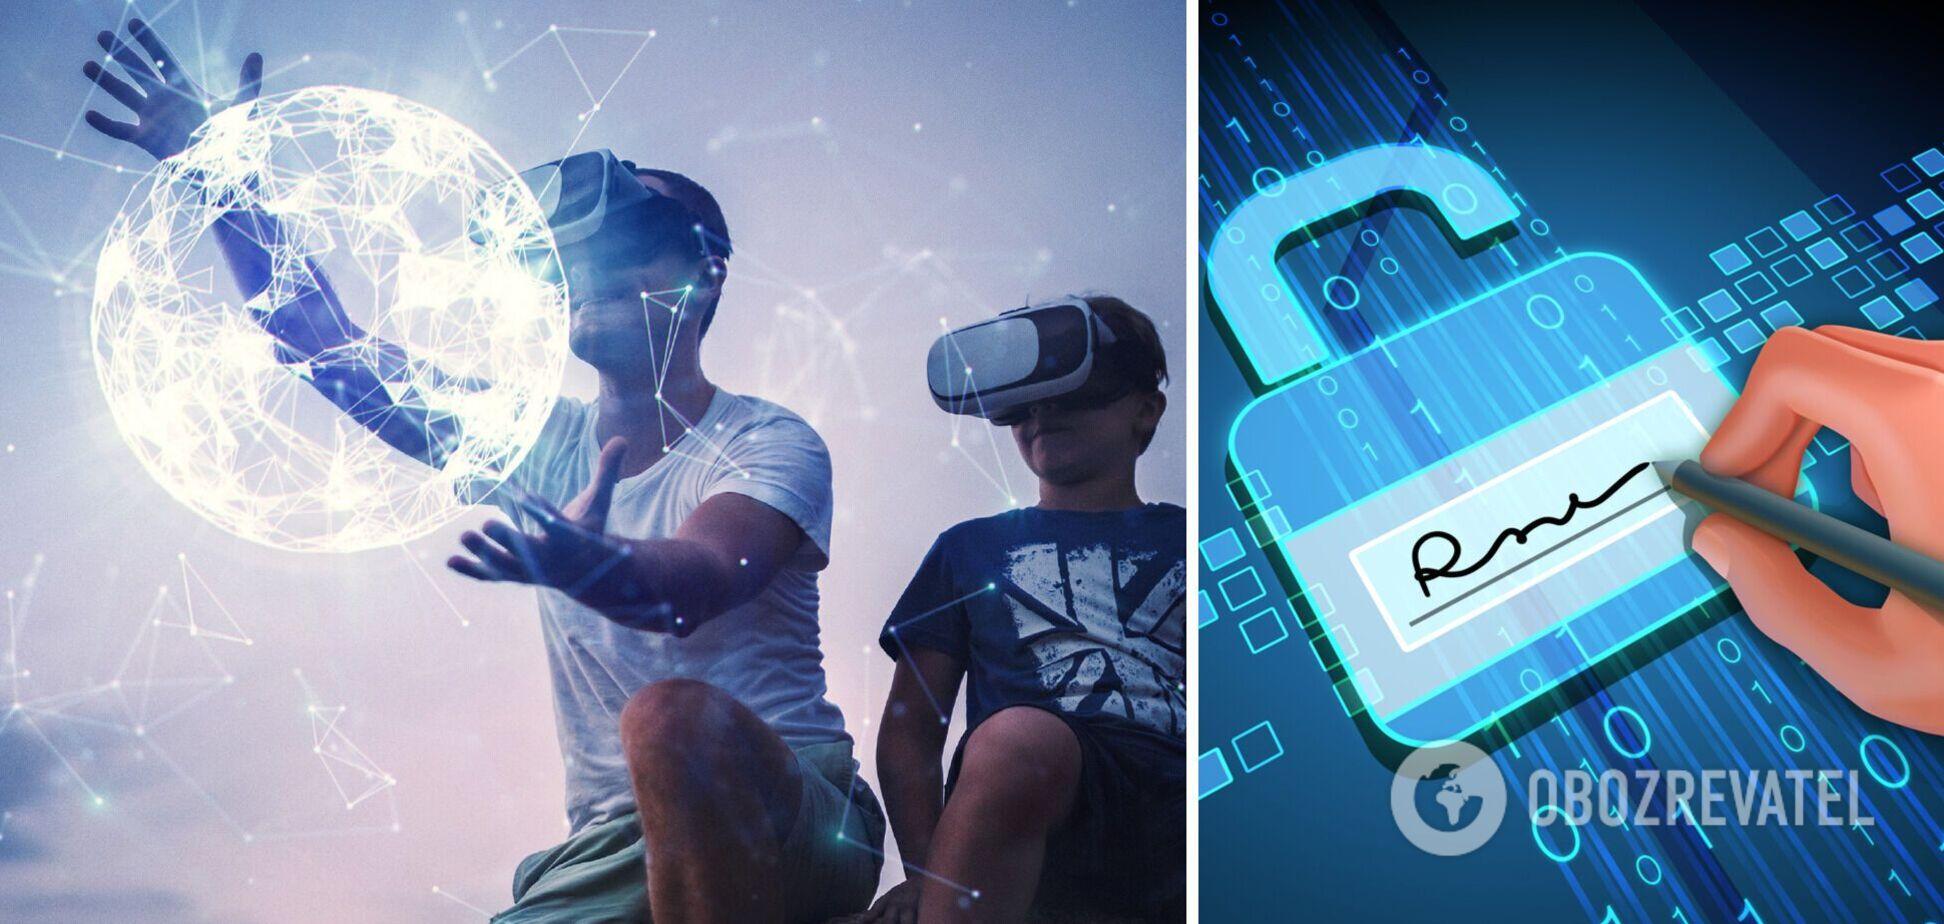 Запитайте експерта: 5 технологічних тенденцій, за якими необхідно уважно стежити в 2021 році